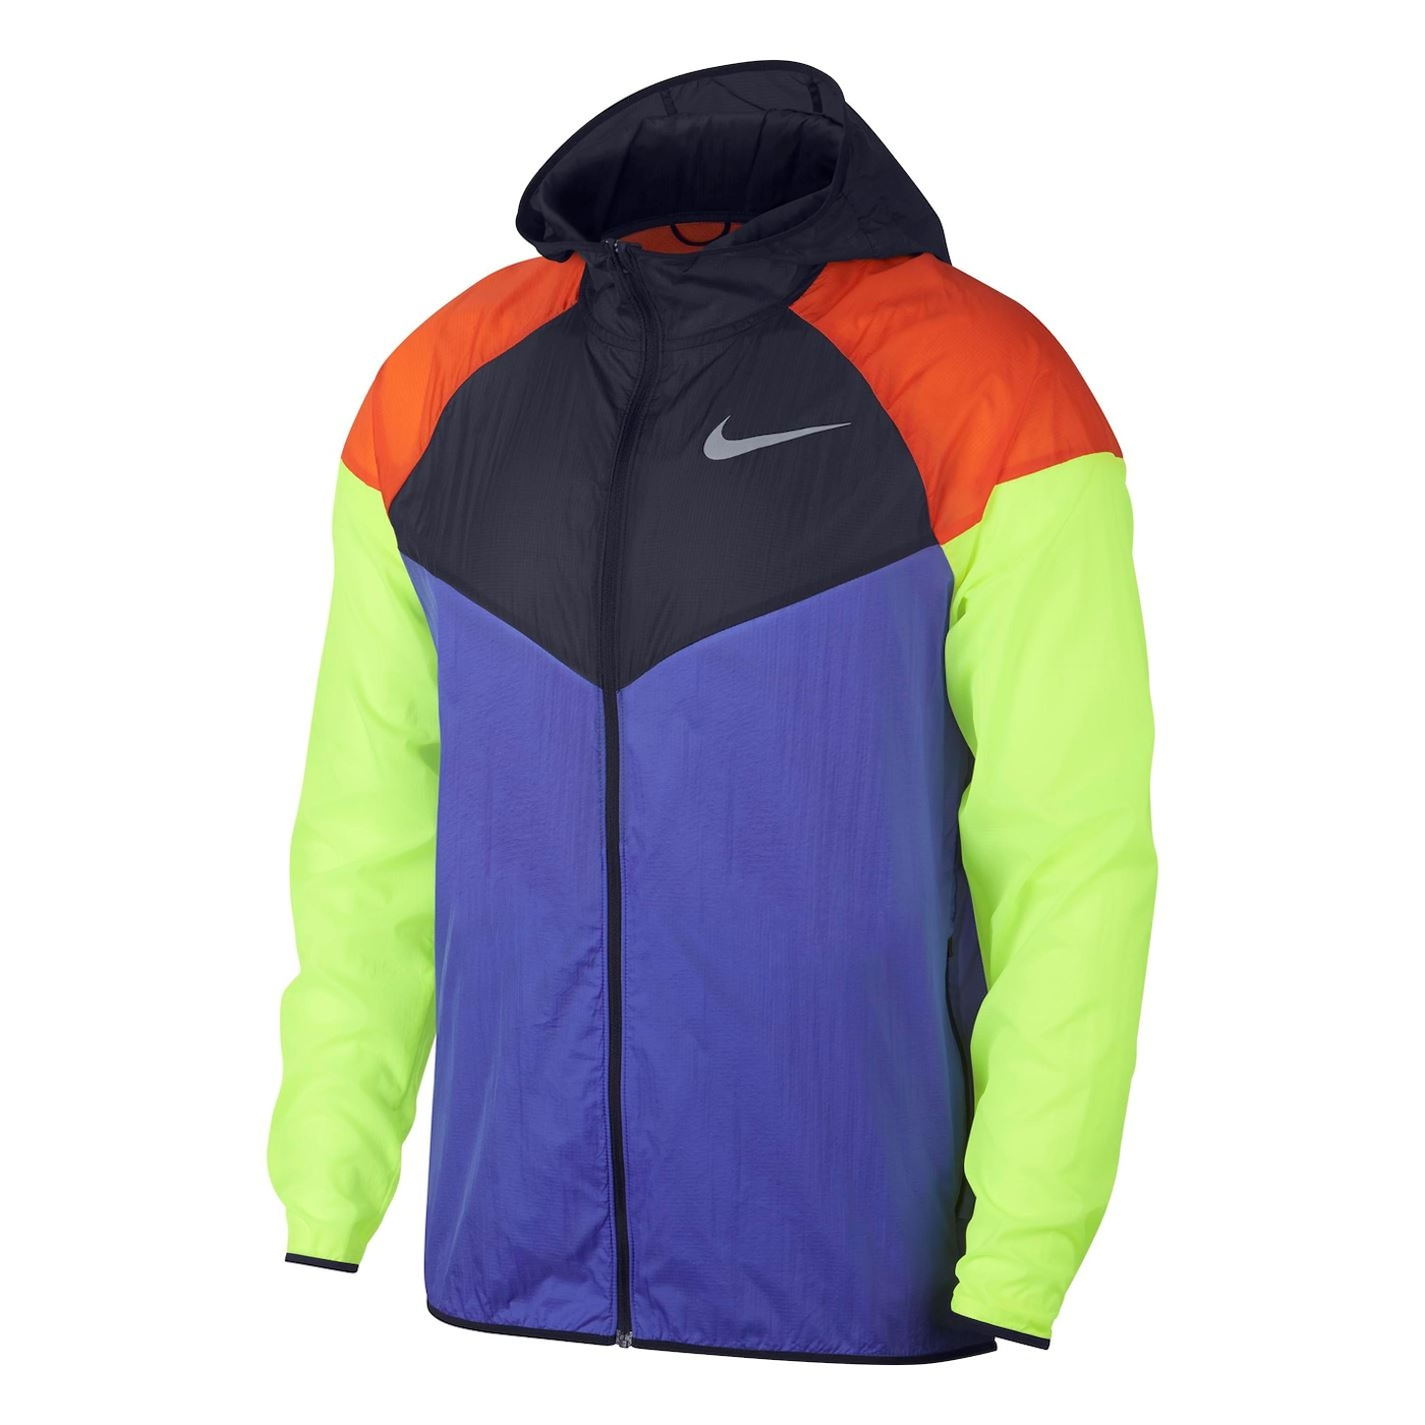 Nike Windrunner pánská bunda